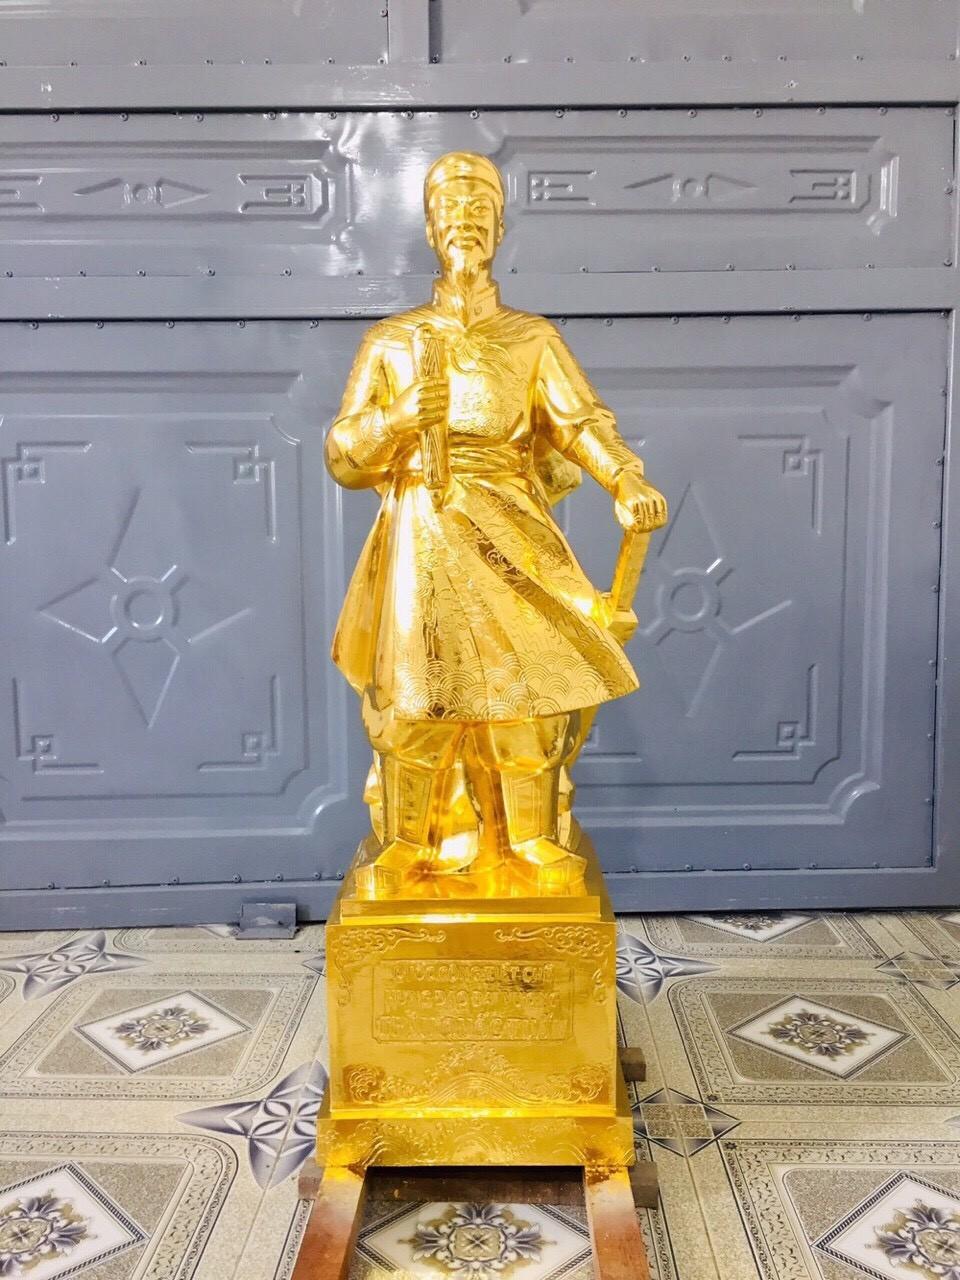 Đồ đồng Việt đúc tượng Trần Quốc Tuấn mạ vàng theo yêu cầu